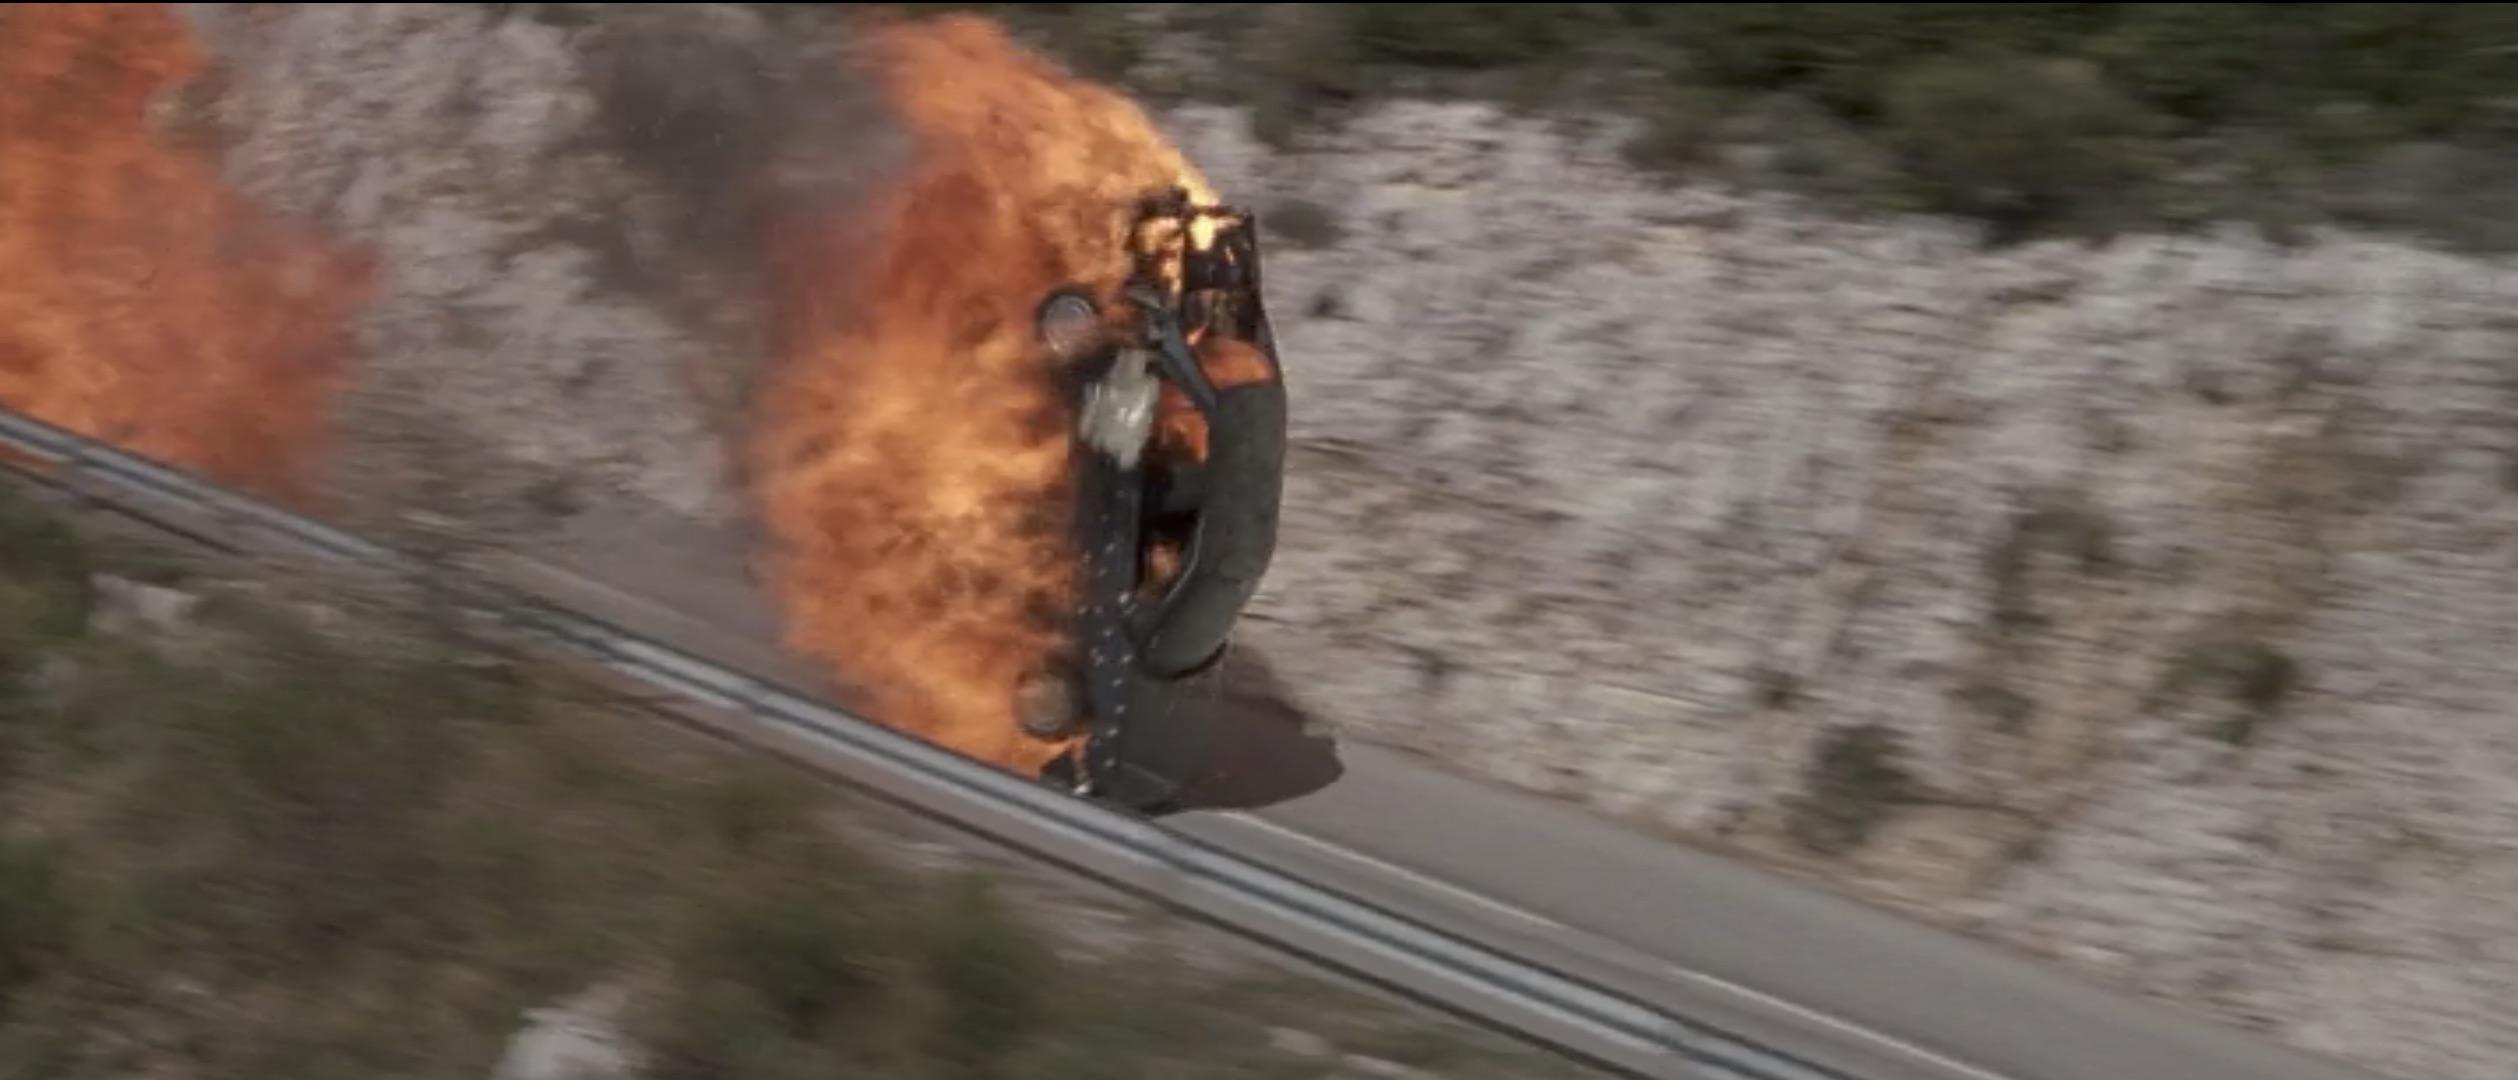 Ronin Car flip explosion